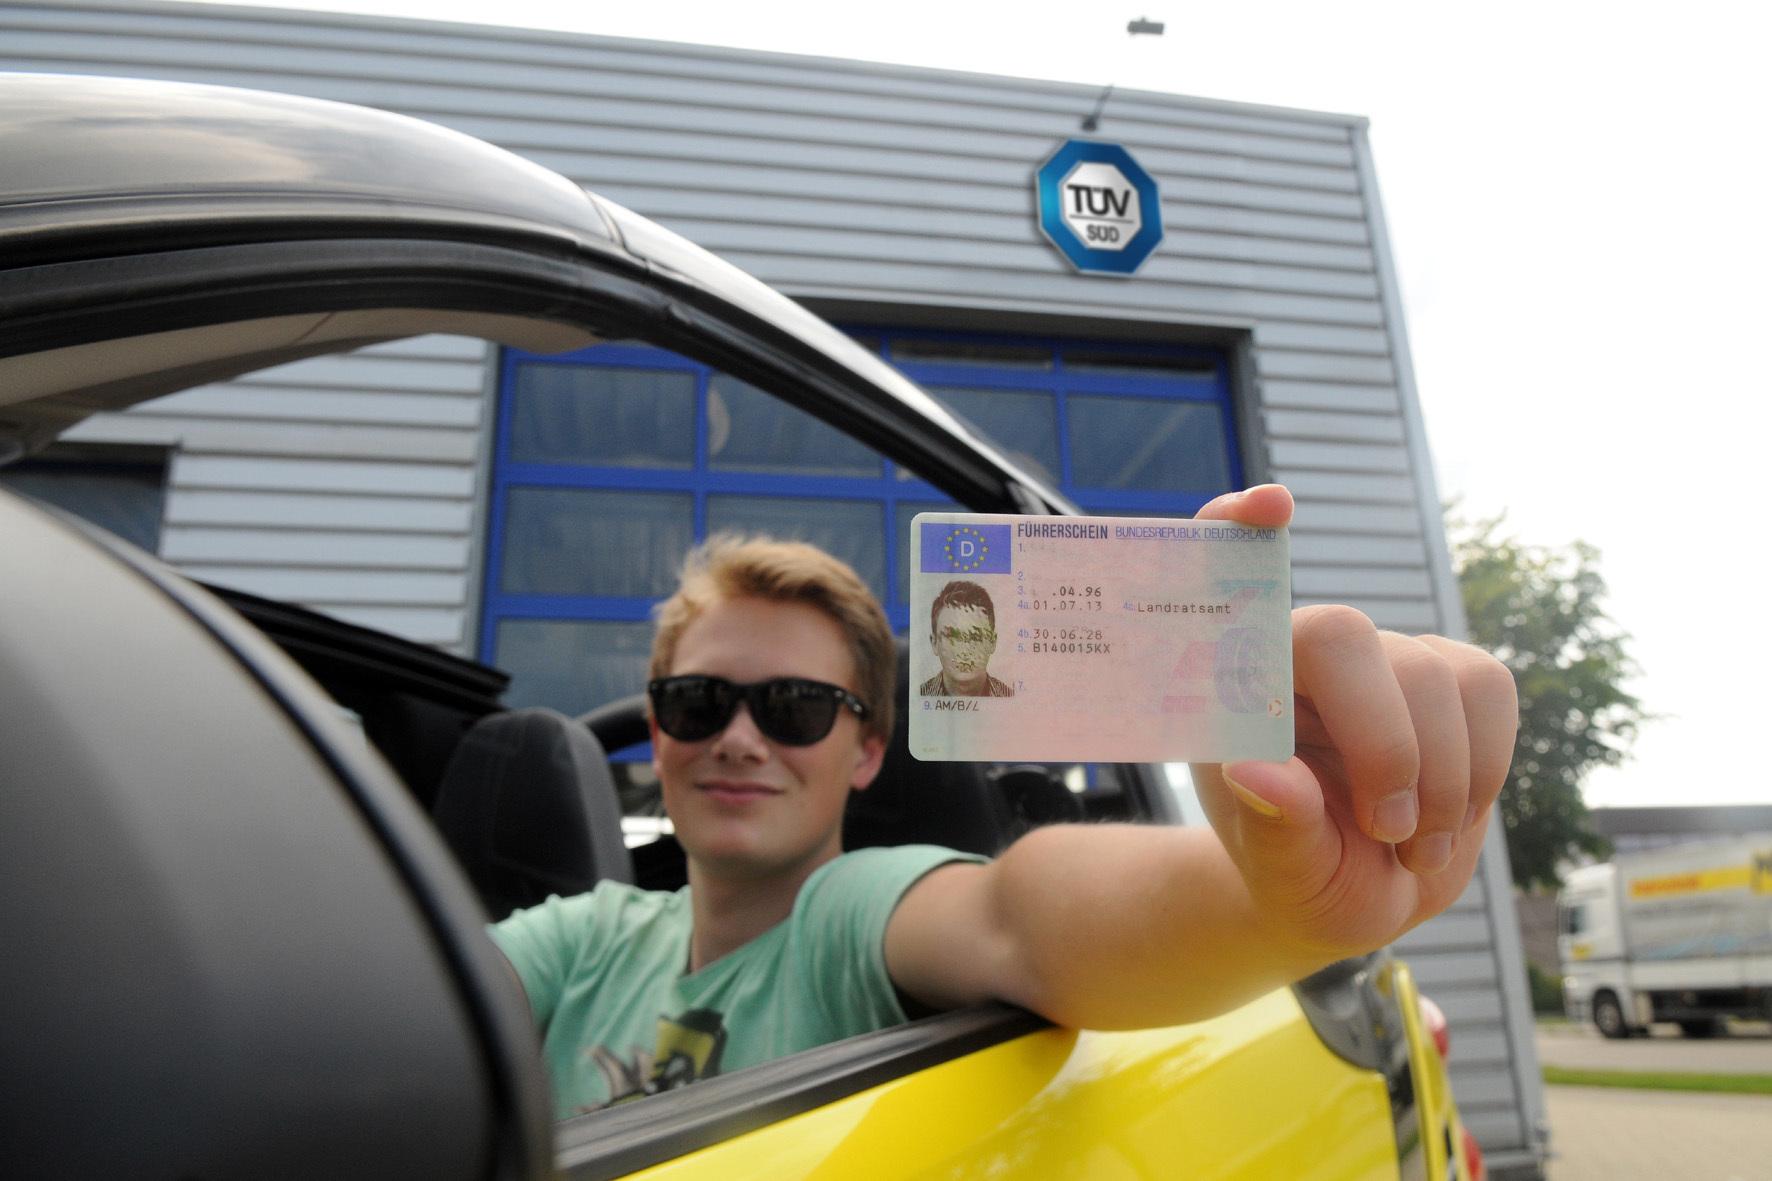 mid Groß-Gerau - Nie ohne meinen Führerschein. Immer mehr Kandidaten bestehen die Medizinisch-Psychologische Untersuchung (MPU).